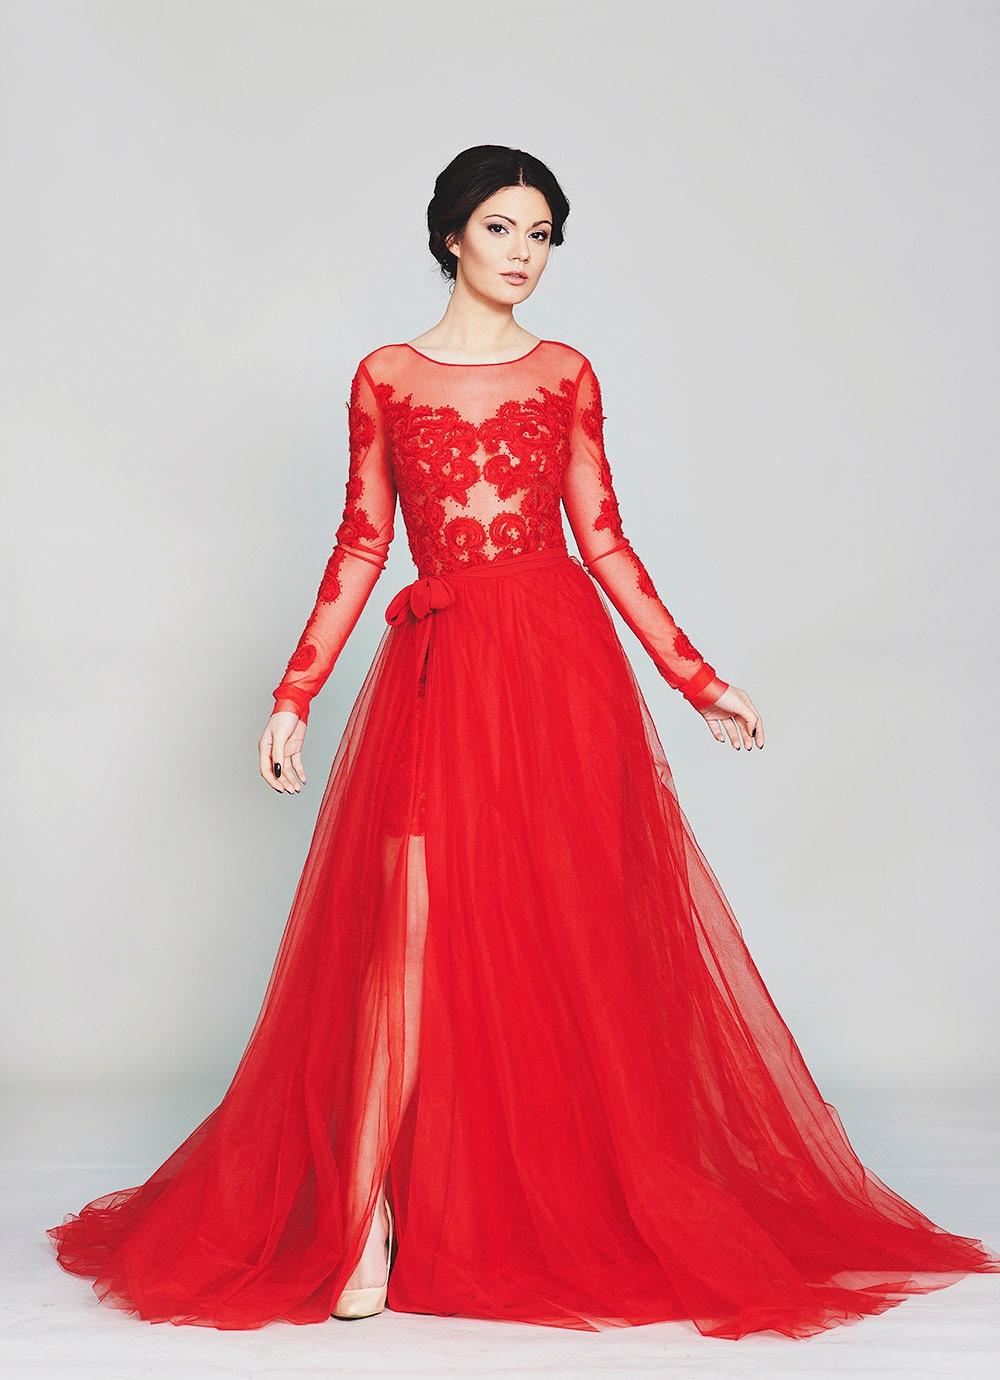 Roten Kleid elegante chiffon-Kleid Mutter der Brautkleid